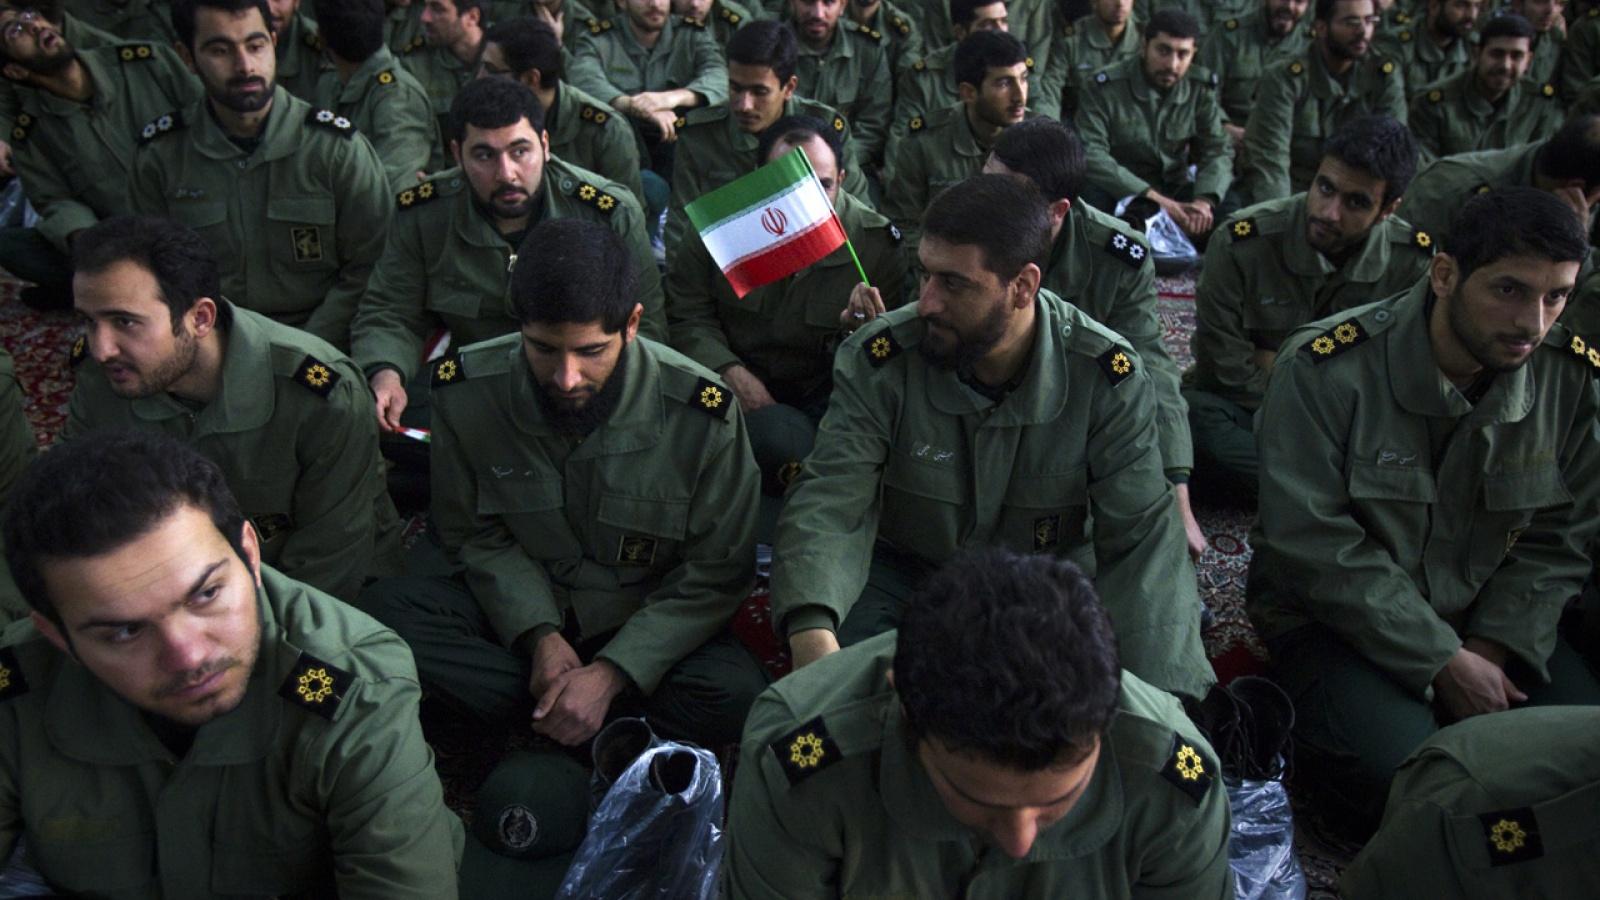 ميزانية مقلّصة: هل تتغير معادلة القوة الإيرانية في سوريا بعد الانسحاب الأمريكي؟